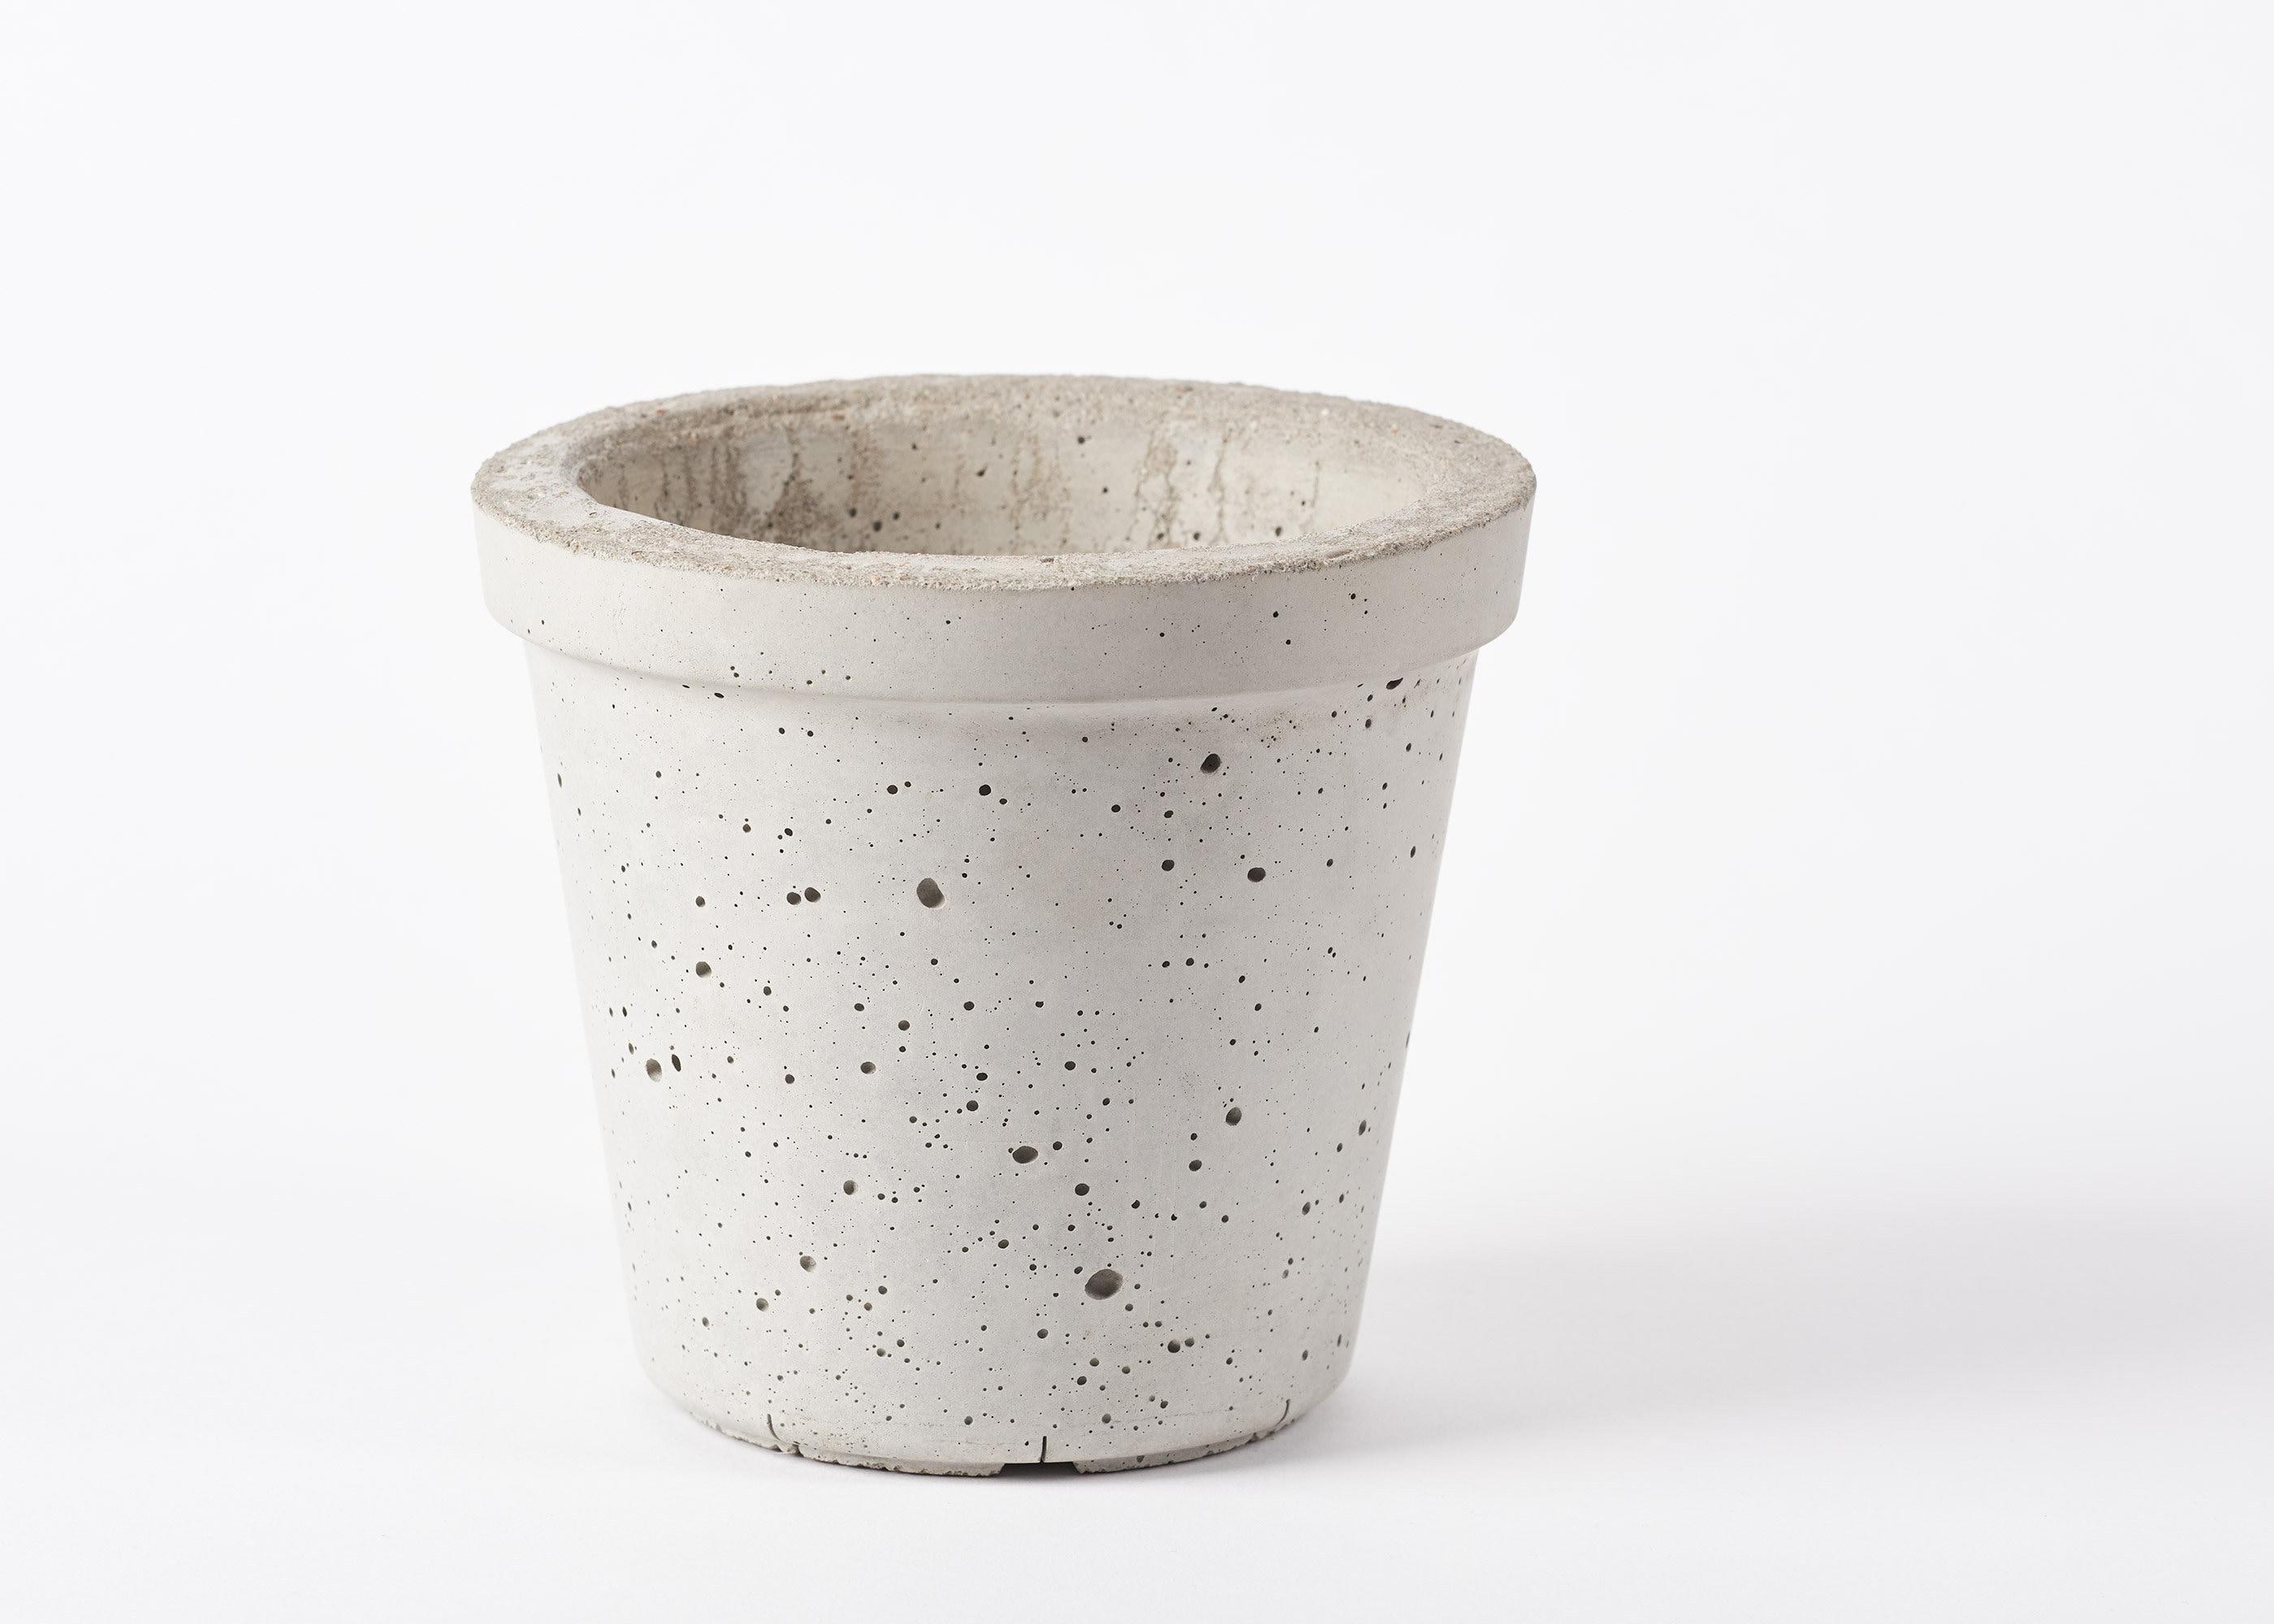 beton Übertopf concrete planter für pflanzen die | etsy